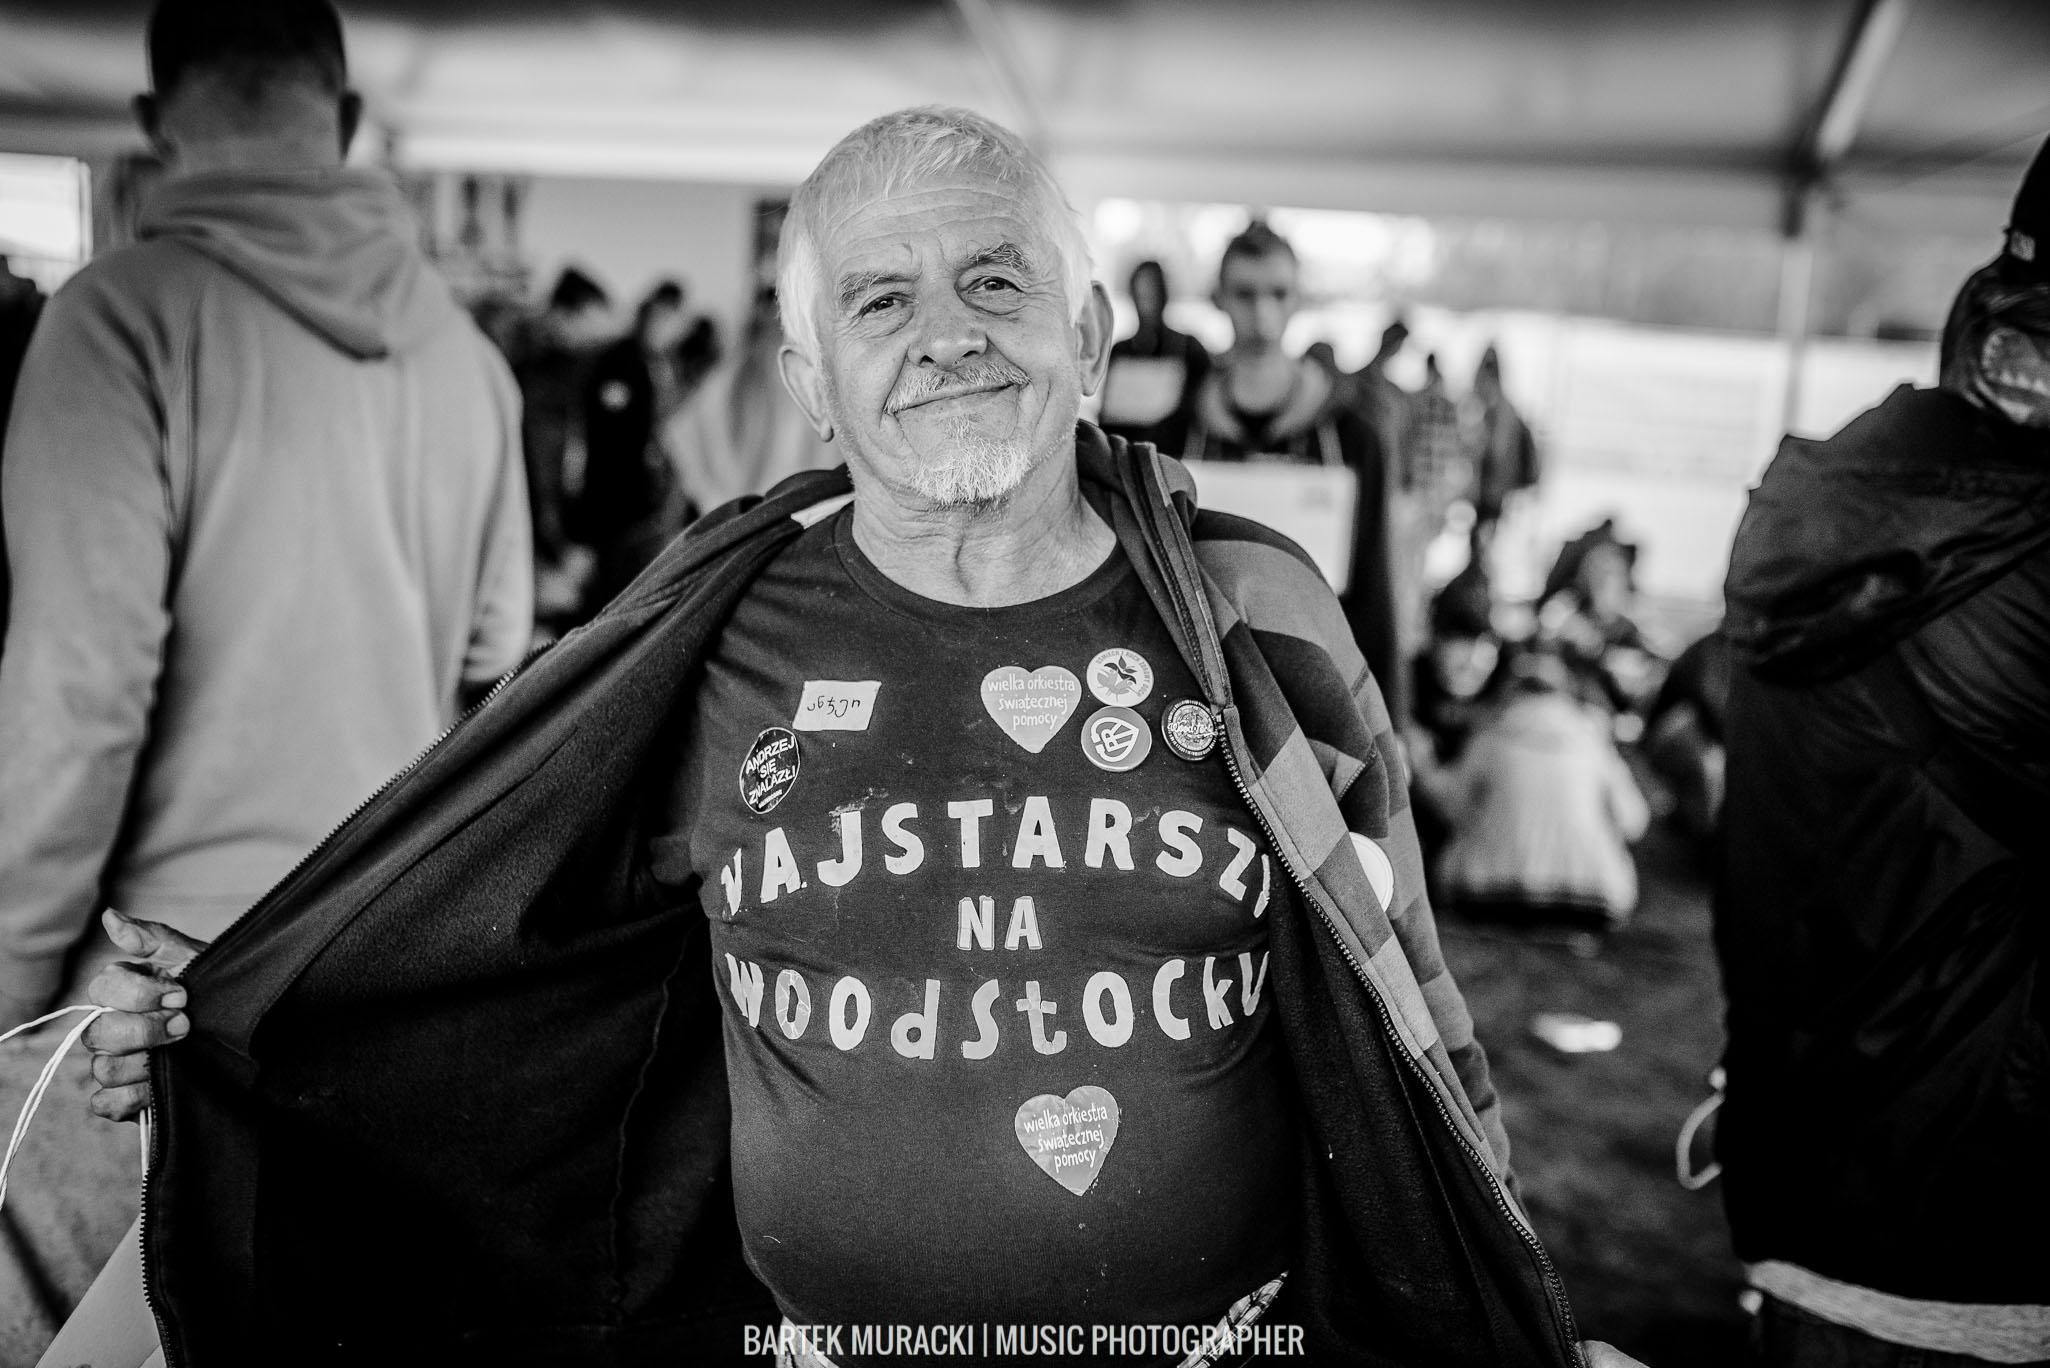 Przystanek-Woodstock-2016-WB-foto-Bartek-Muracki--260962